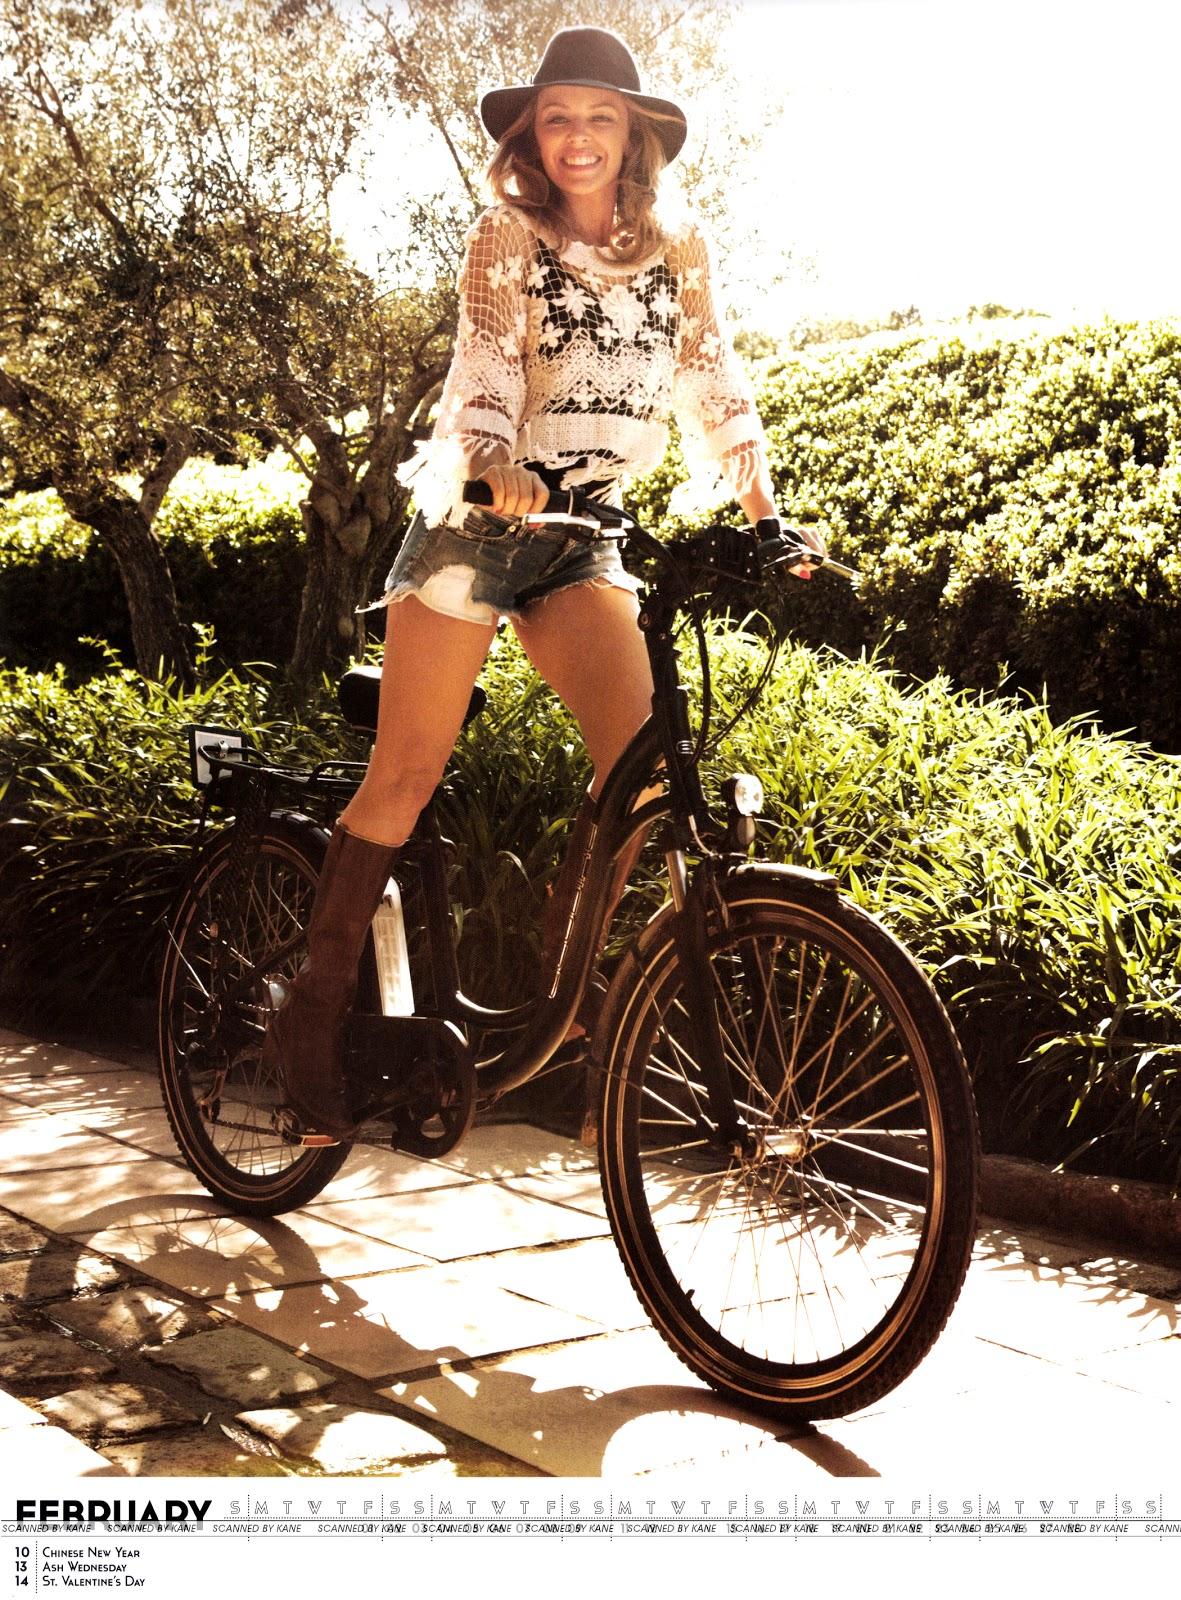 http://1.bp.blogspot.com/-zSy0o-Ir3F0/UHwAGAc9ilI/AAAAAAAATS4/oR-LY_wwNg0/s1600/Kylie+Minogue+-+Official+2013+Calendar+-03.jpg